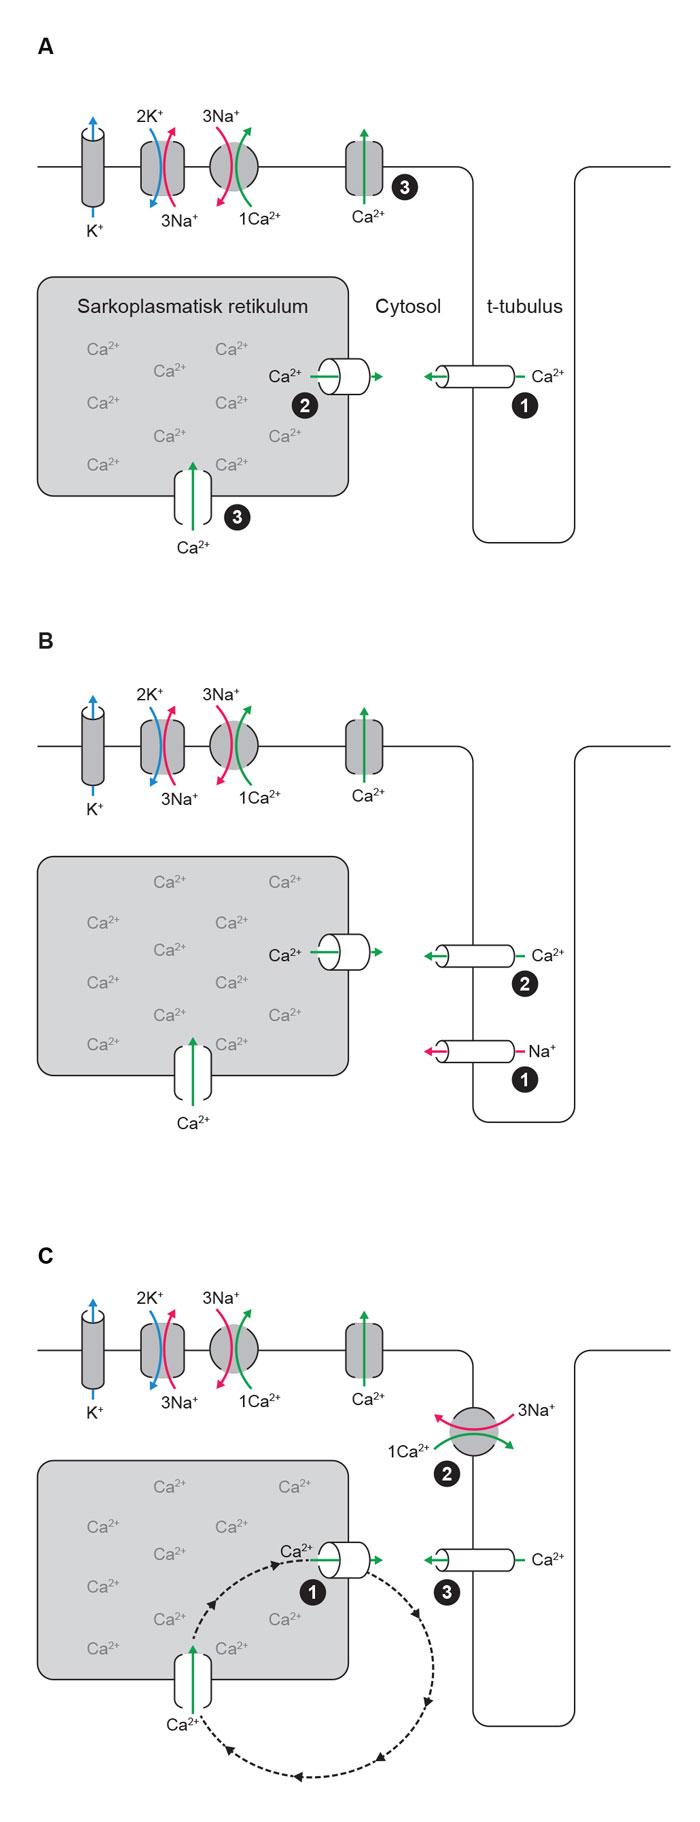 Figur 2. A) Hovedkomponenter i normal ionesyklus i ventrikkelmuskelceller. 1. Ved depolarisering av cellemembranen åpner L-type Ca2+-kanal og slipper en liten mengde Ca2+ inn i cytosol. 2. Ca2+ binder til Ca2+-frislippskanalen RyR2, som dermed åpner og slipper en større mengde Ca2+ ut i cytosol. Ca2+ binder til myofilamentene og leder til kontraksjon. 3. For relaksasjon tas Ca2+ tilbake opp i det sarkoplasmatiske retikkelet og pumpes ut av cellen. B) Automati ved ivabradin-følsom «funny current», også kalt «pacemakerstrøm». 1. Pacemakerstrømmen leder kationer inn i cellen og leder til langsom depolarisering av cellemembranen inntil 2. terskelverdien for aksjonspotensialet nås, f.eks. ved aktivering av L-type Ca2+ kanal. C) Automati ved «Ca2+-klokke». 1. Ca2+ lekker fra det sarkoplasmatiske retikkelet, og 2. utveksles med Na+. Dette medfører en netto innstrømming av positive ladninger i cellen og kan til slutt 3. depolarisere cellen tilstrekkelig til aktivering av f.eks. L-type Ca2+-kanal. Frekvensen av slik aktivering vil avhenge av frigjøring og reopptak av Ca2+ i det sarkoplasmatiske retikkelet (stiplet sirkel) (Ill.ved A. K. Stokke 2015).